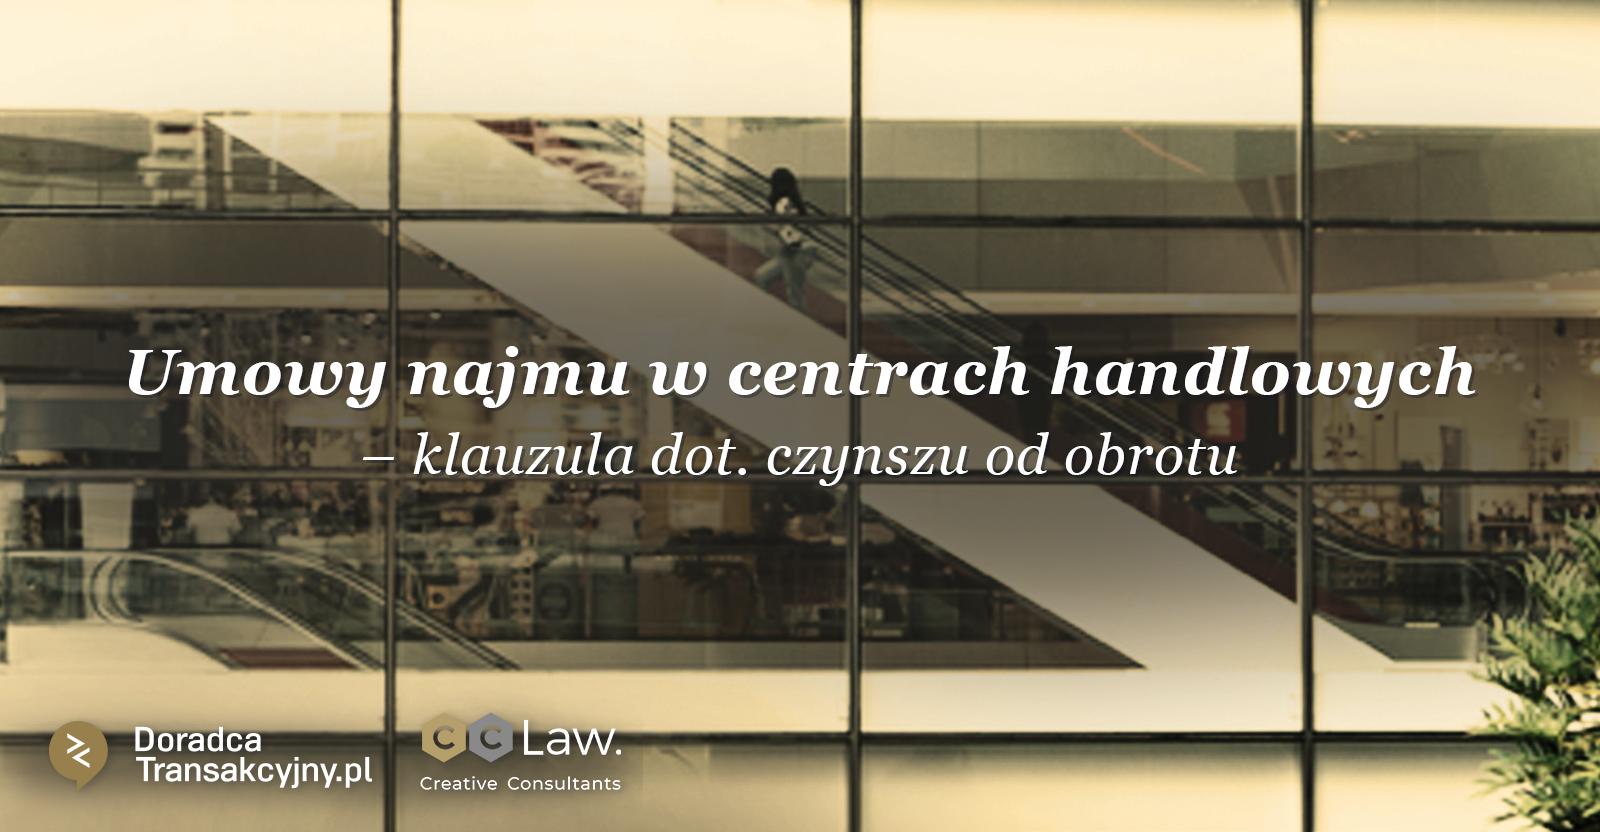 umowy najmu w centrach handlowych czynsz od obrotu